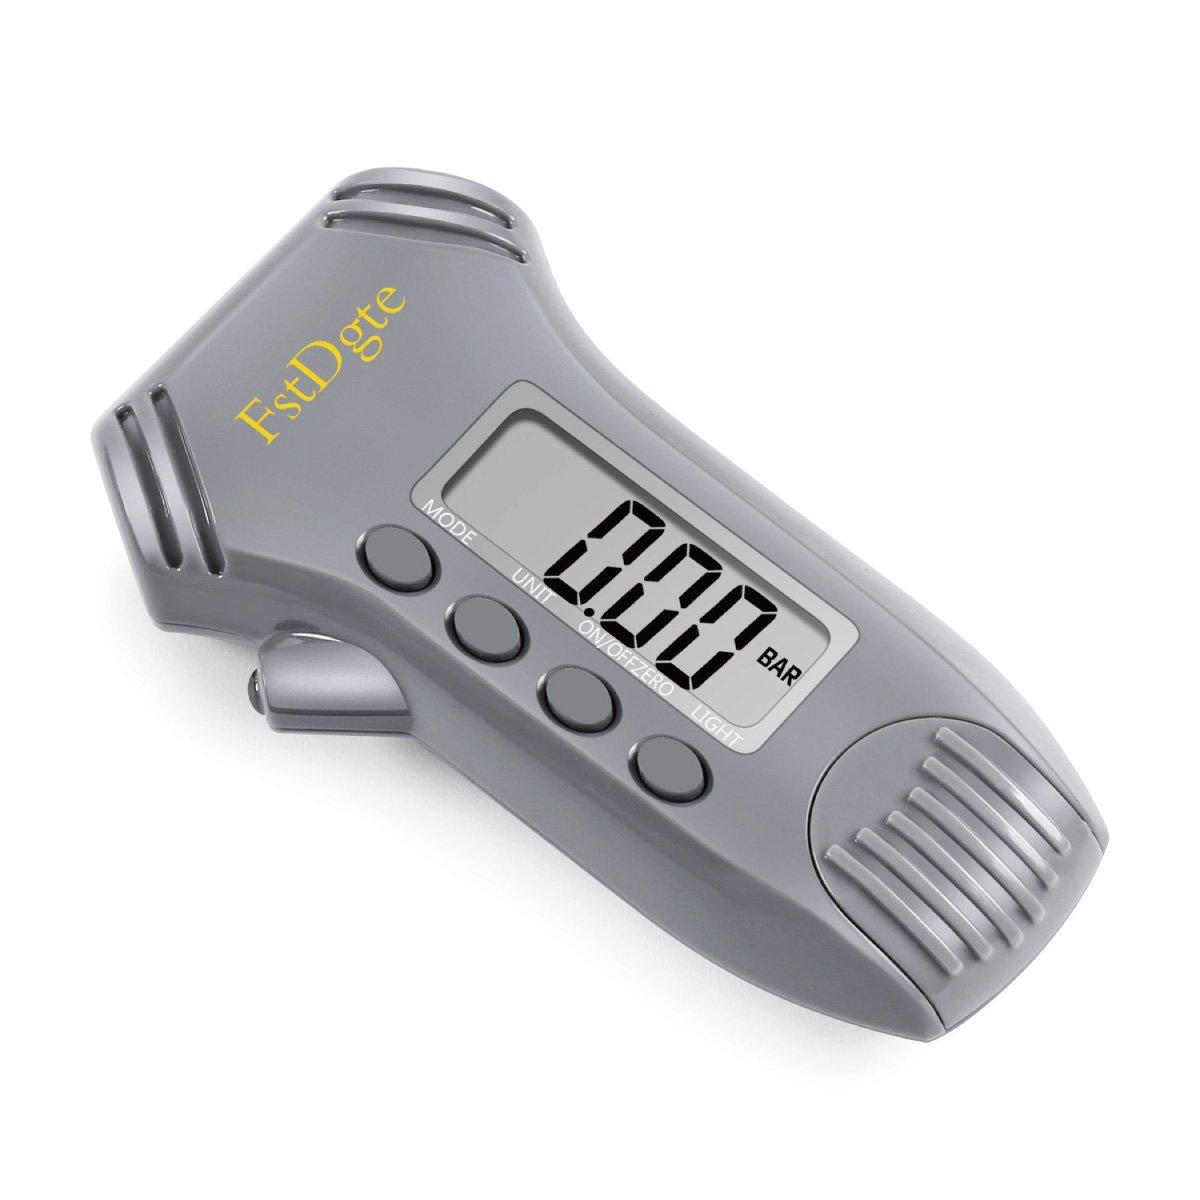 FstDgte, manometro digitale per pneumatici, profondità del battistrada/misurazione della pressione, display LCD retroilluminato e luce LED per notte, numerose unità di misura psi/bar/kgf/cm²/kPa, conversione pollici/mm per bici, moto, au